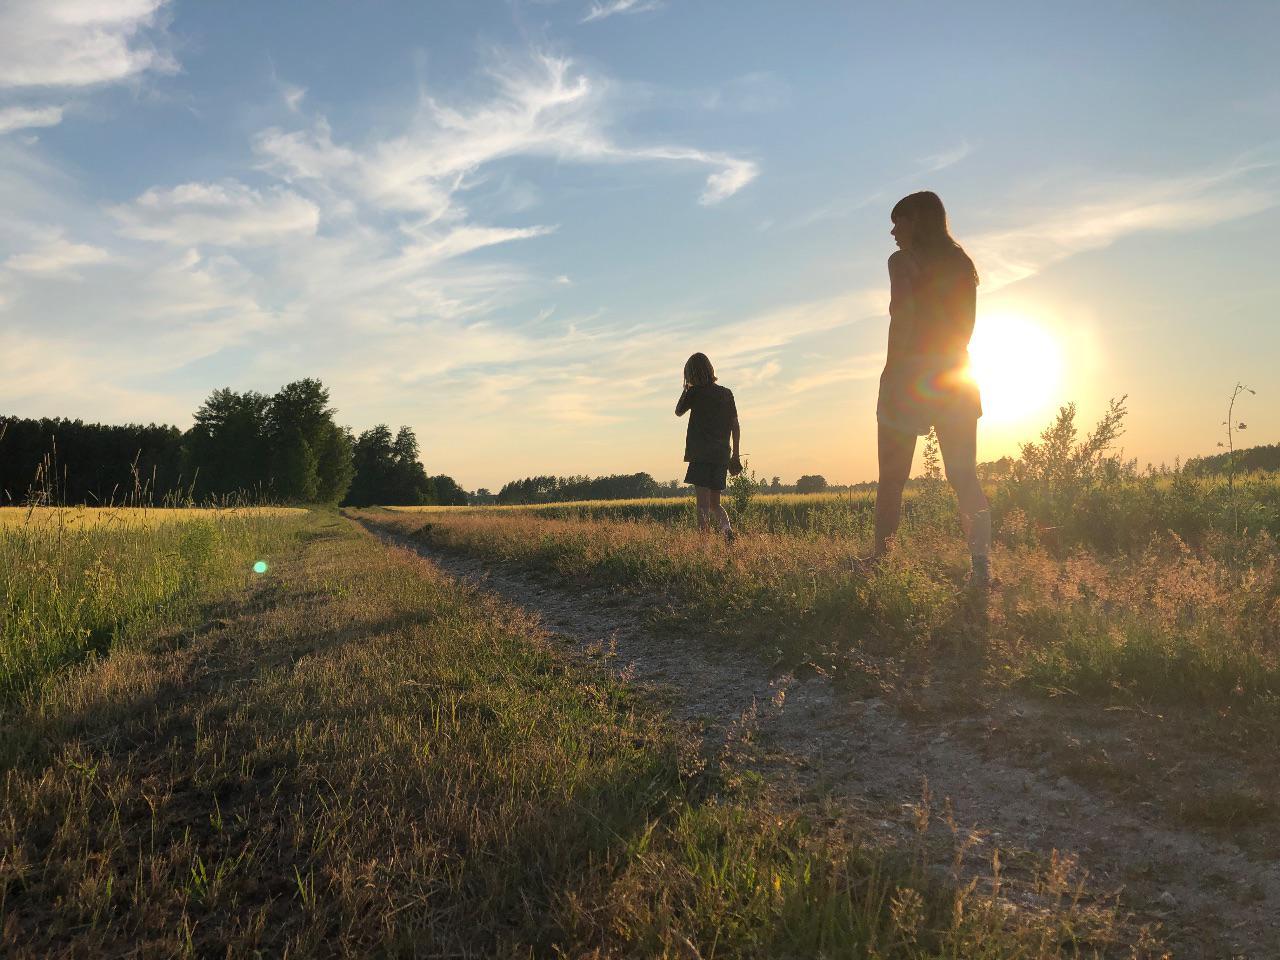 Fru och son i solnedgången 26 juni 2020.